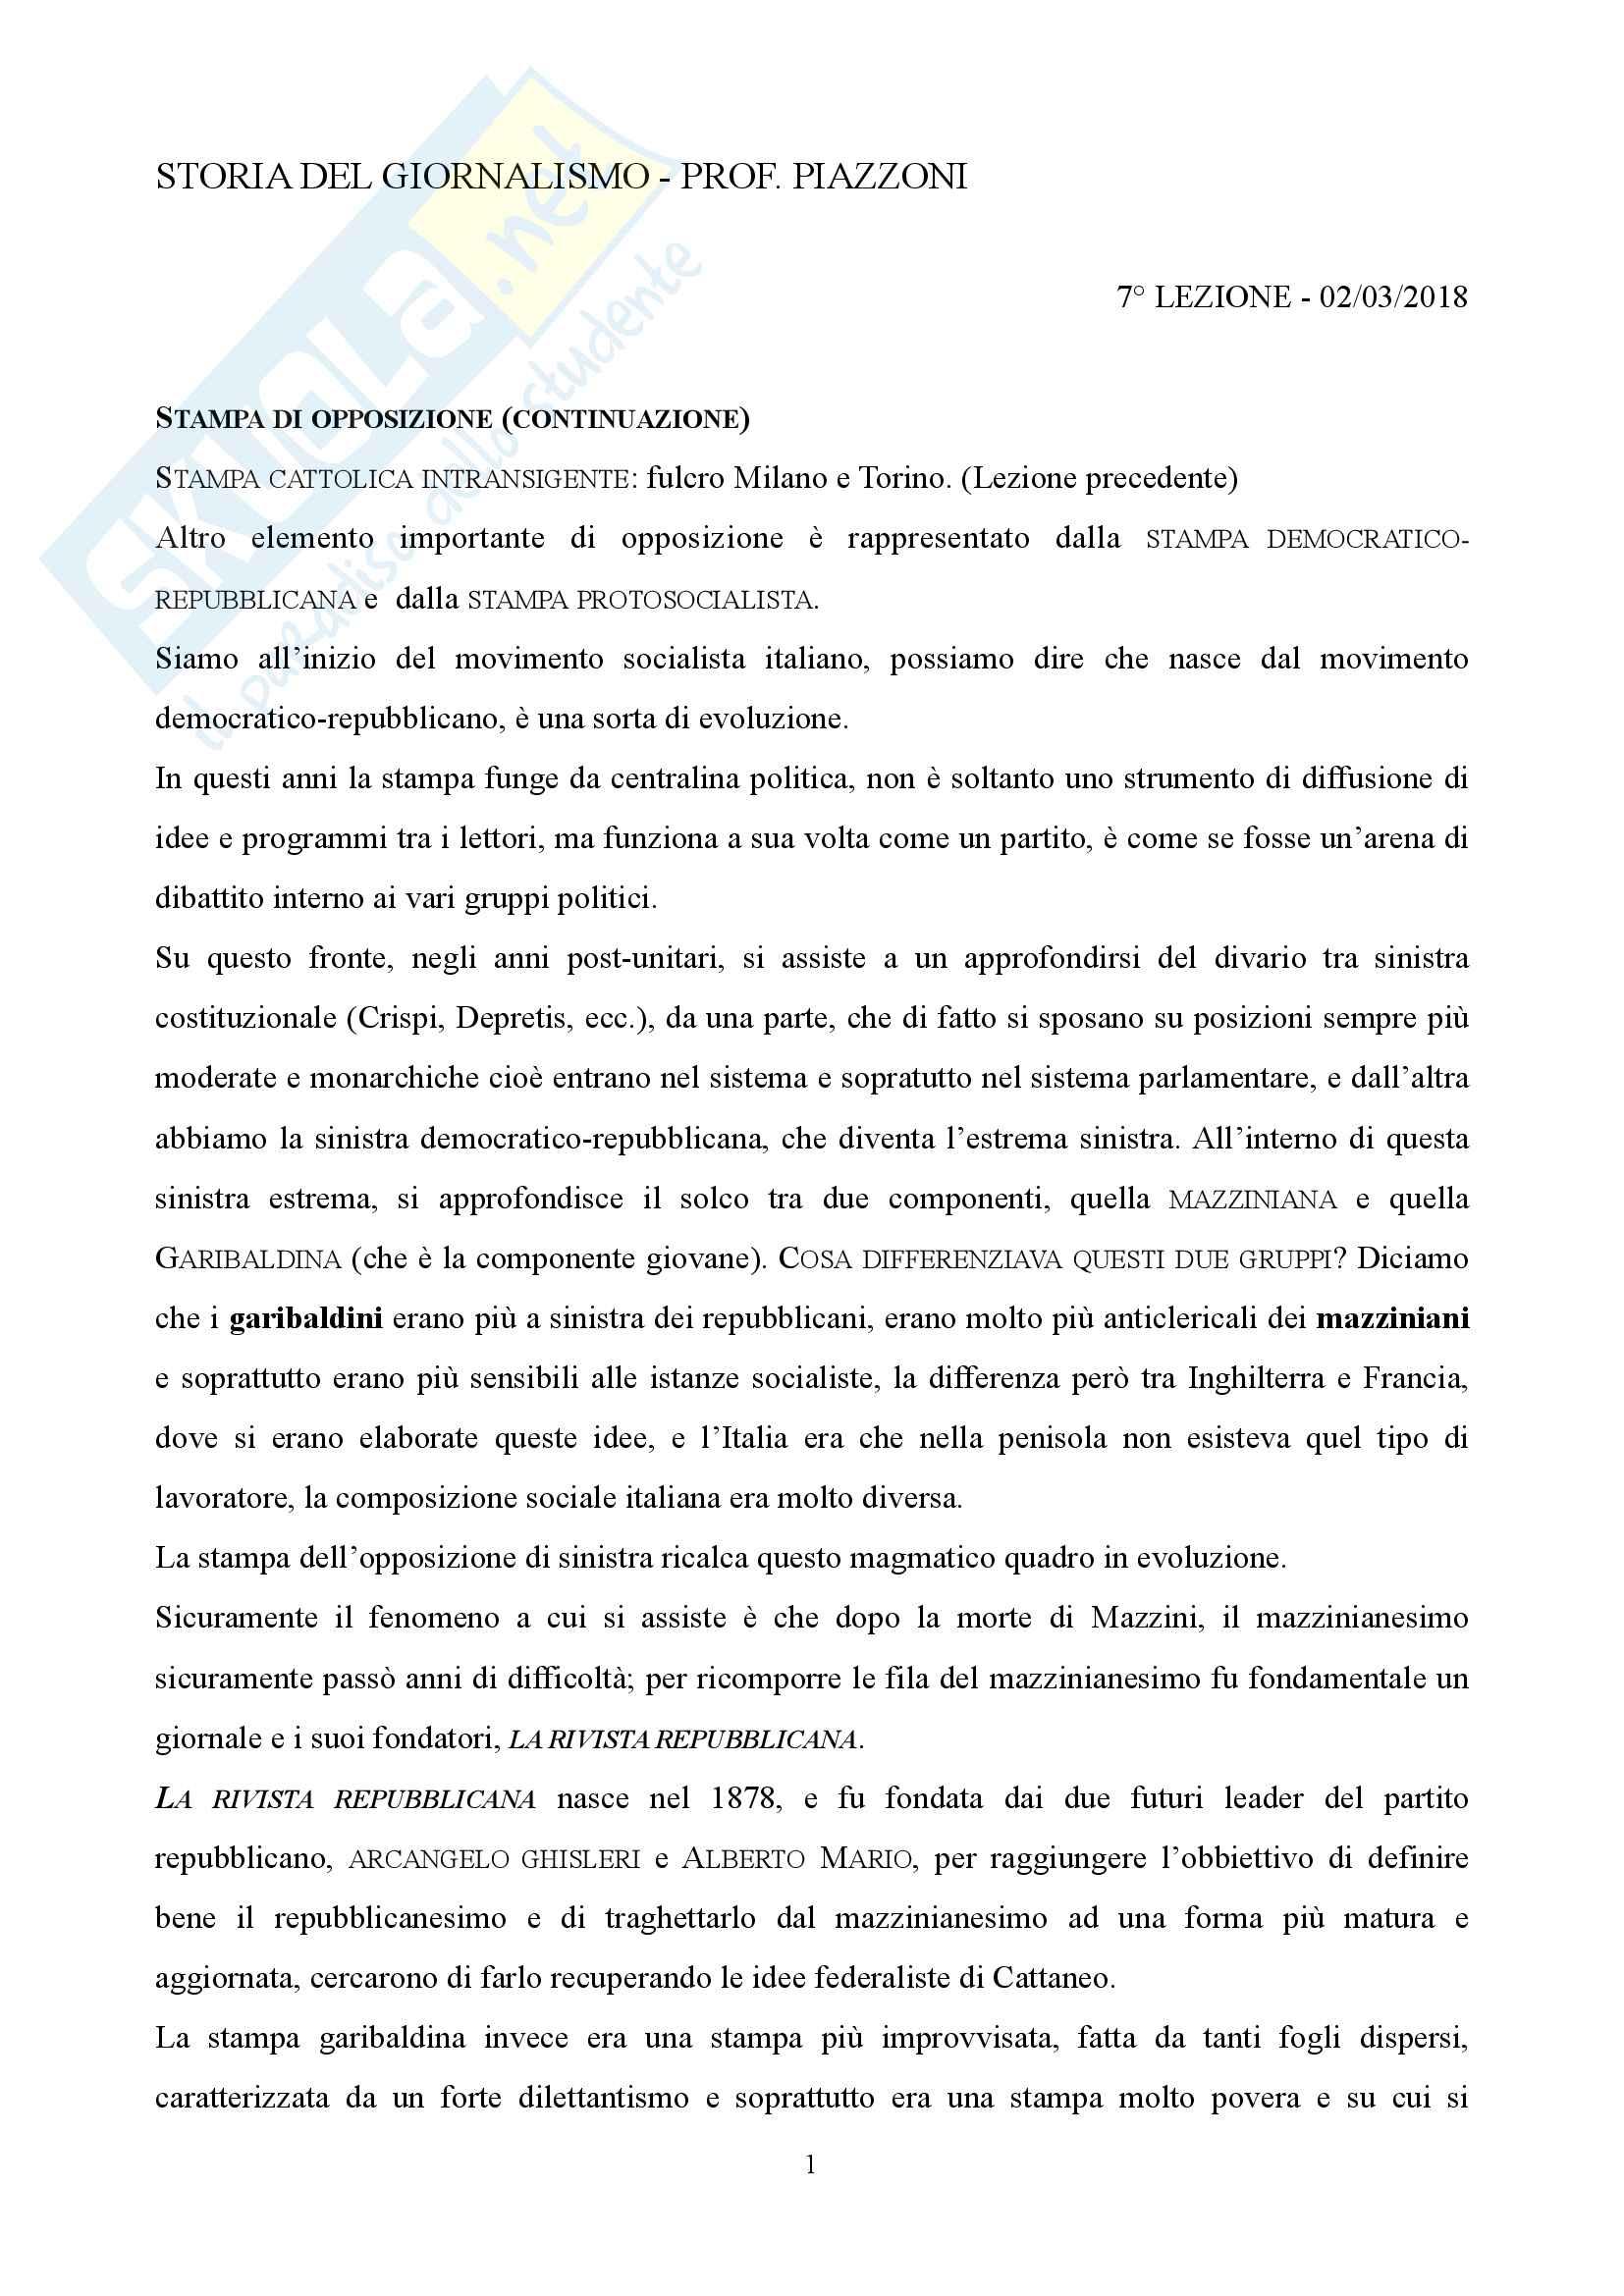 Storia del giornalismo appunti lezione 7 02/03/2018